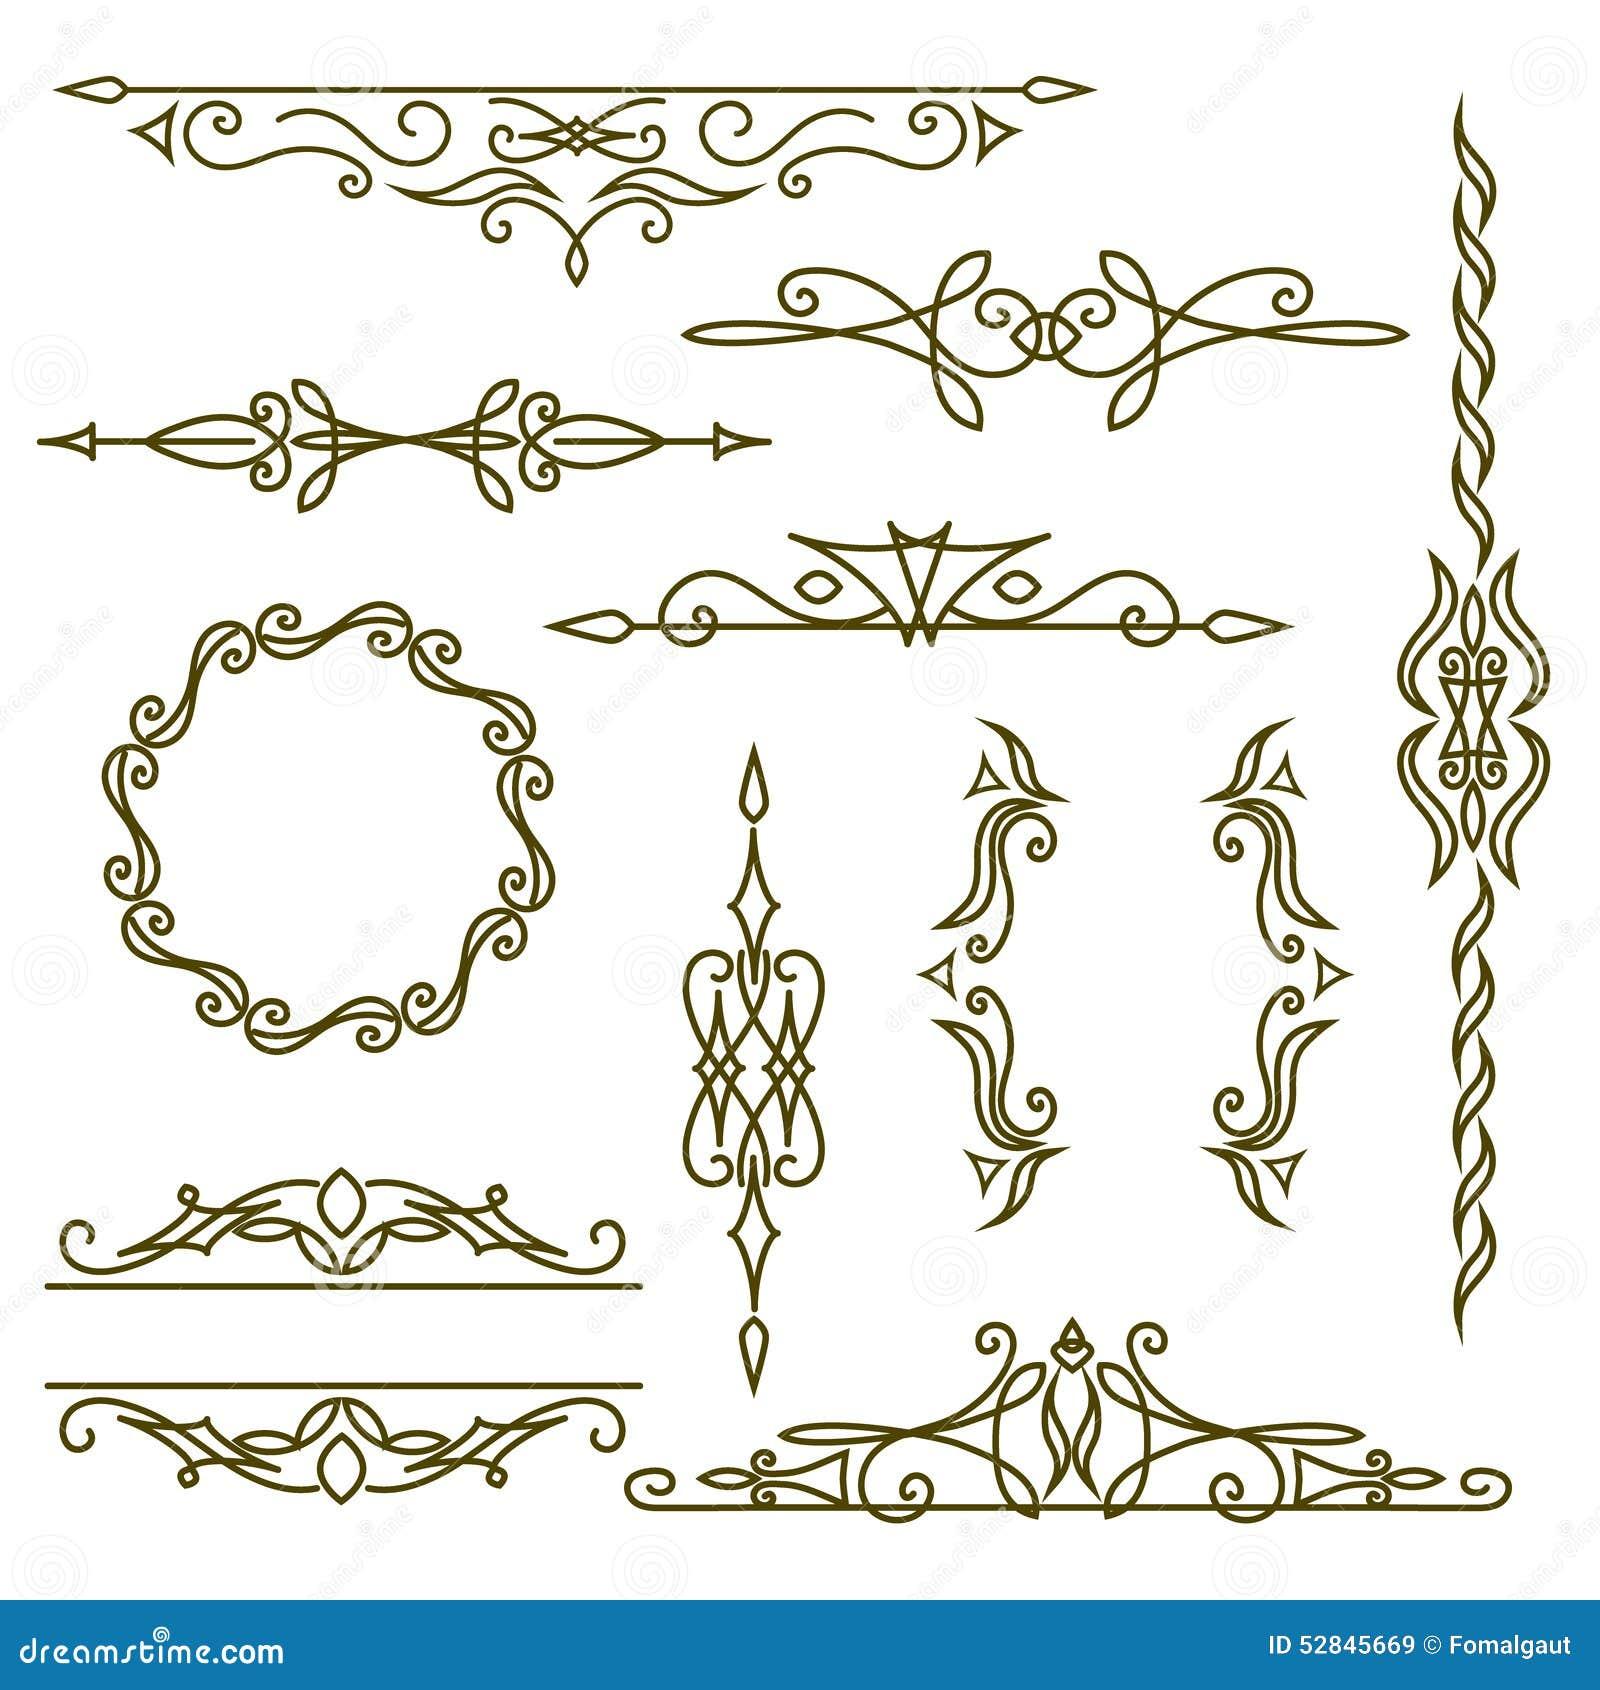 Modern Graphic Design Crowns